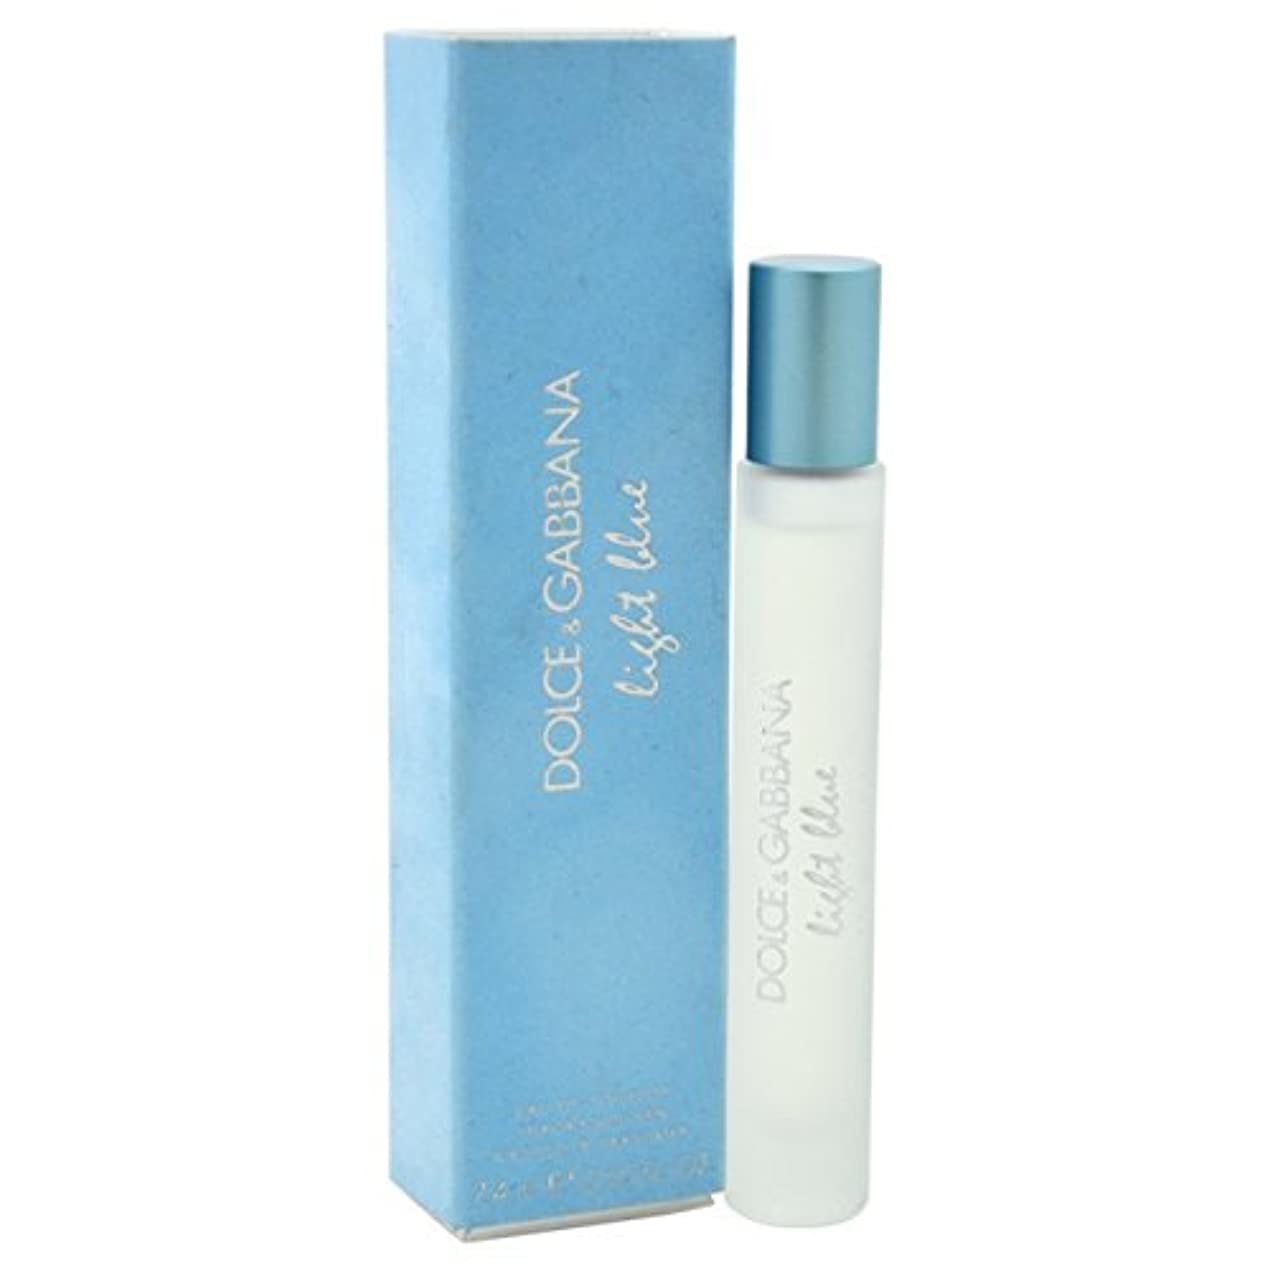 ポーズトロピカルお祝いLight Blue (ライトブルー) 0.25oz (7.5ml) EDT Rollerball (ロールオン) by Dolce & Gabbana for Women